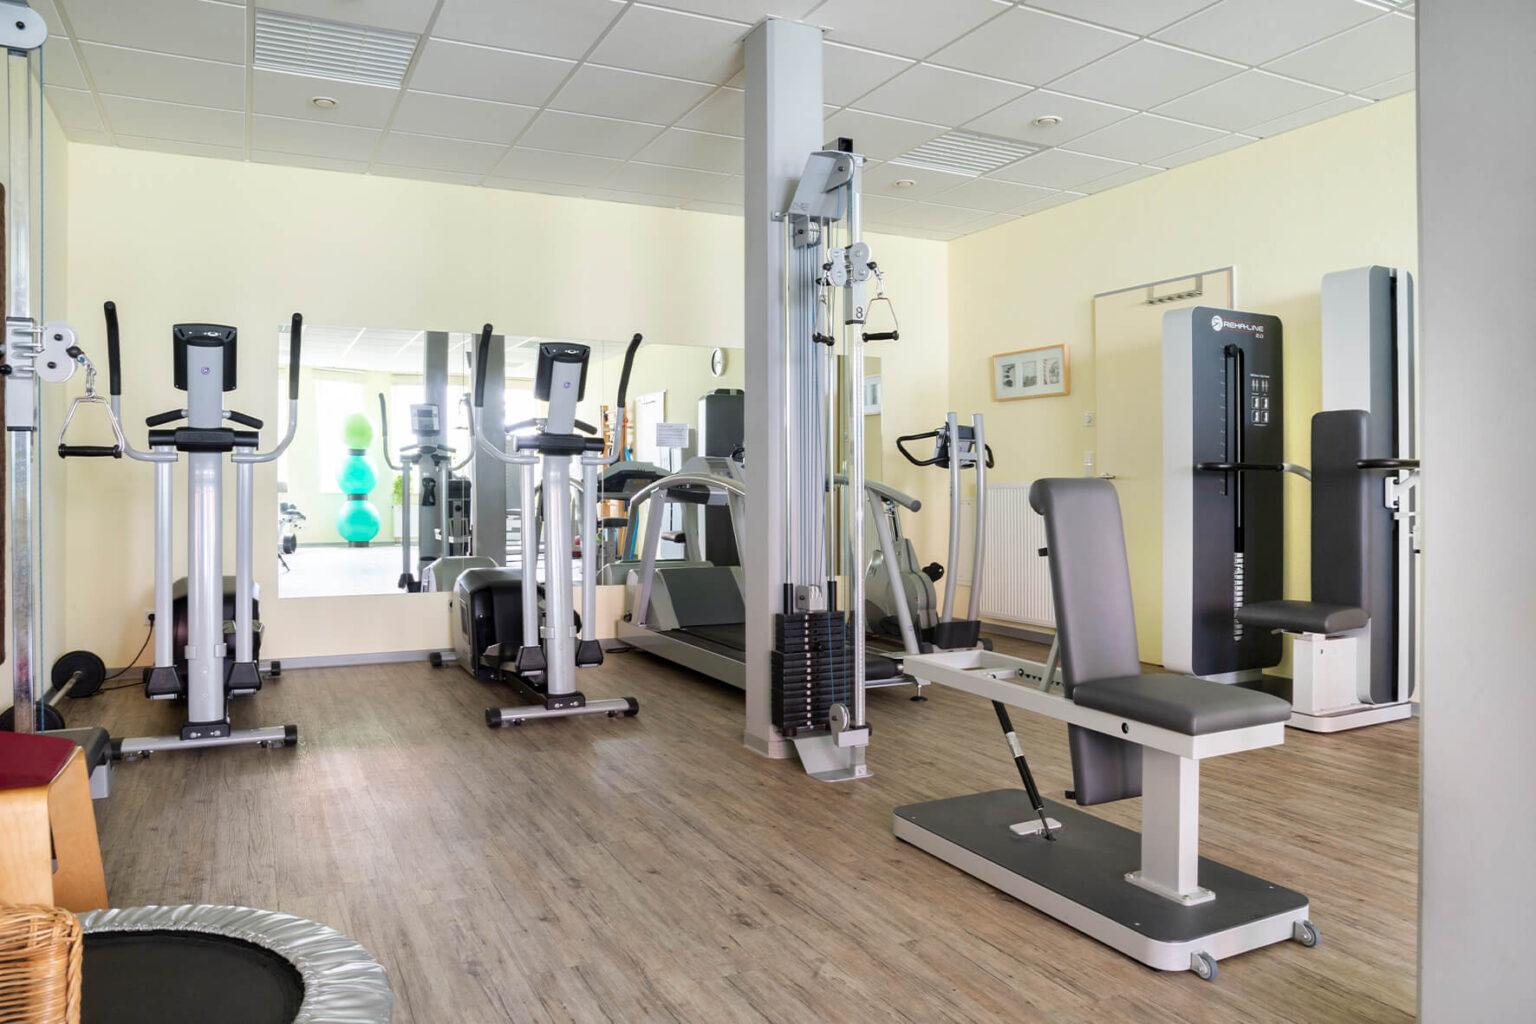 Fitnessbereich von Physiotherapie Tanja Borgelt